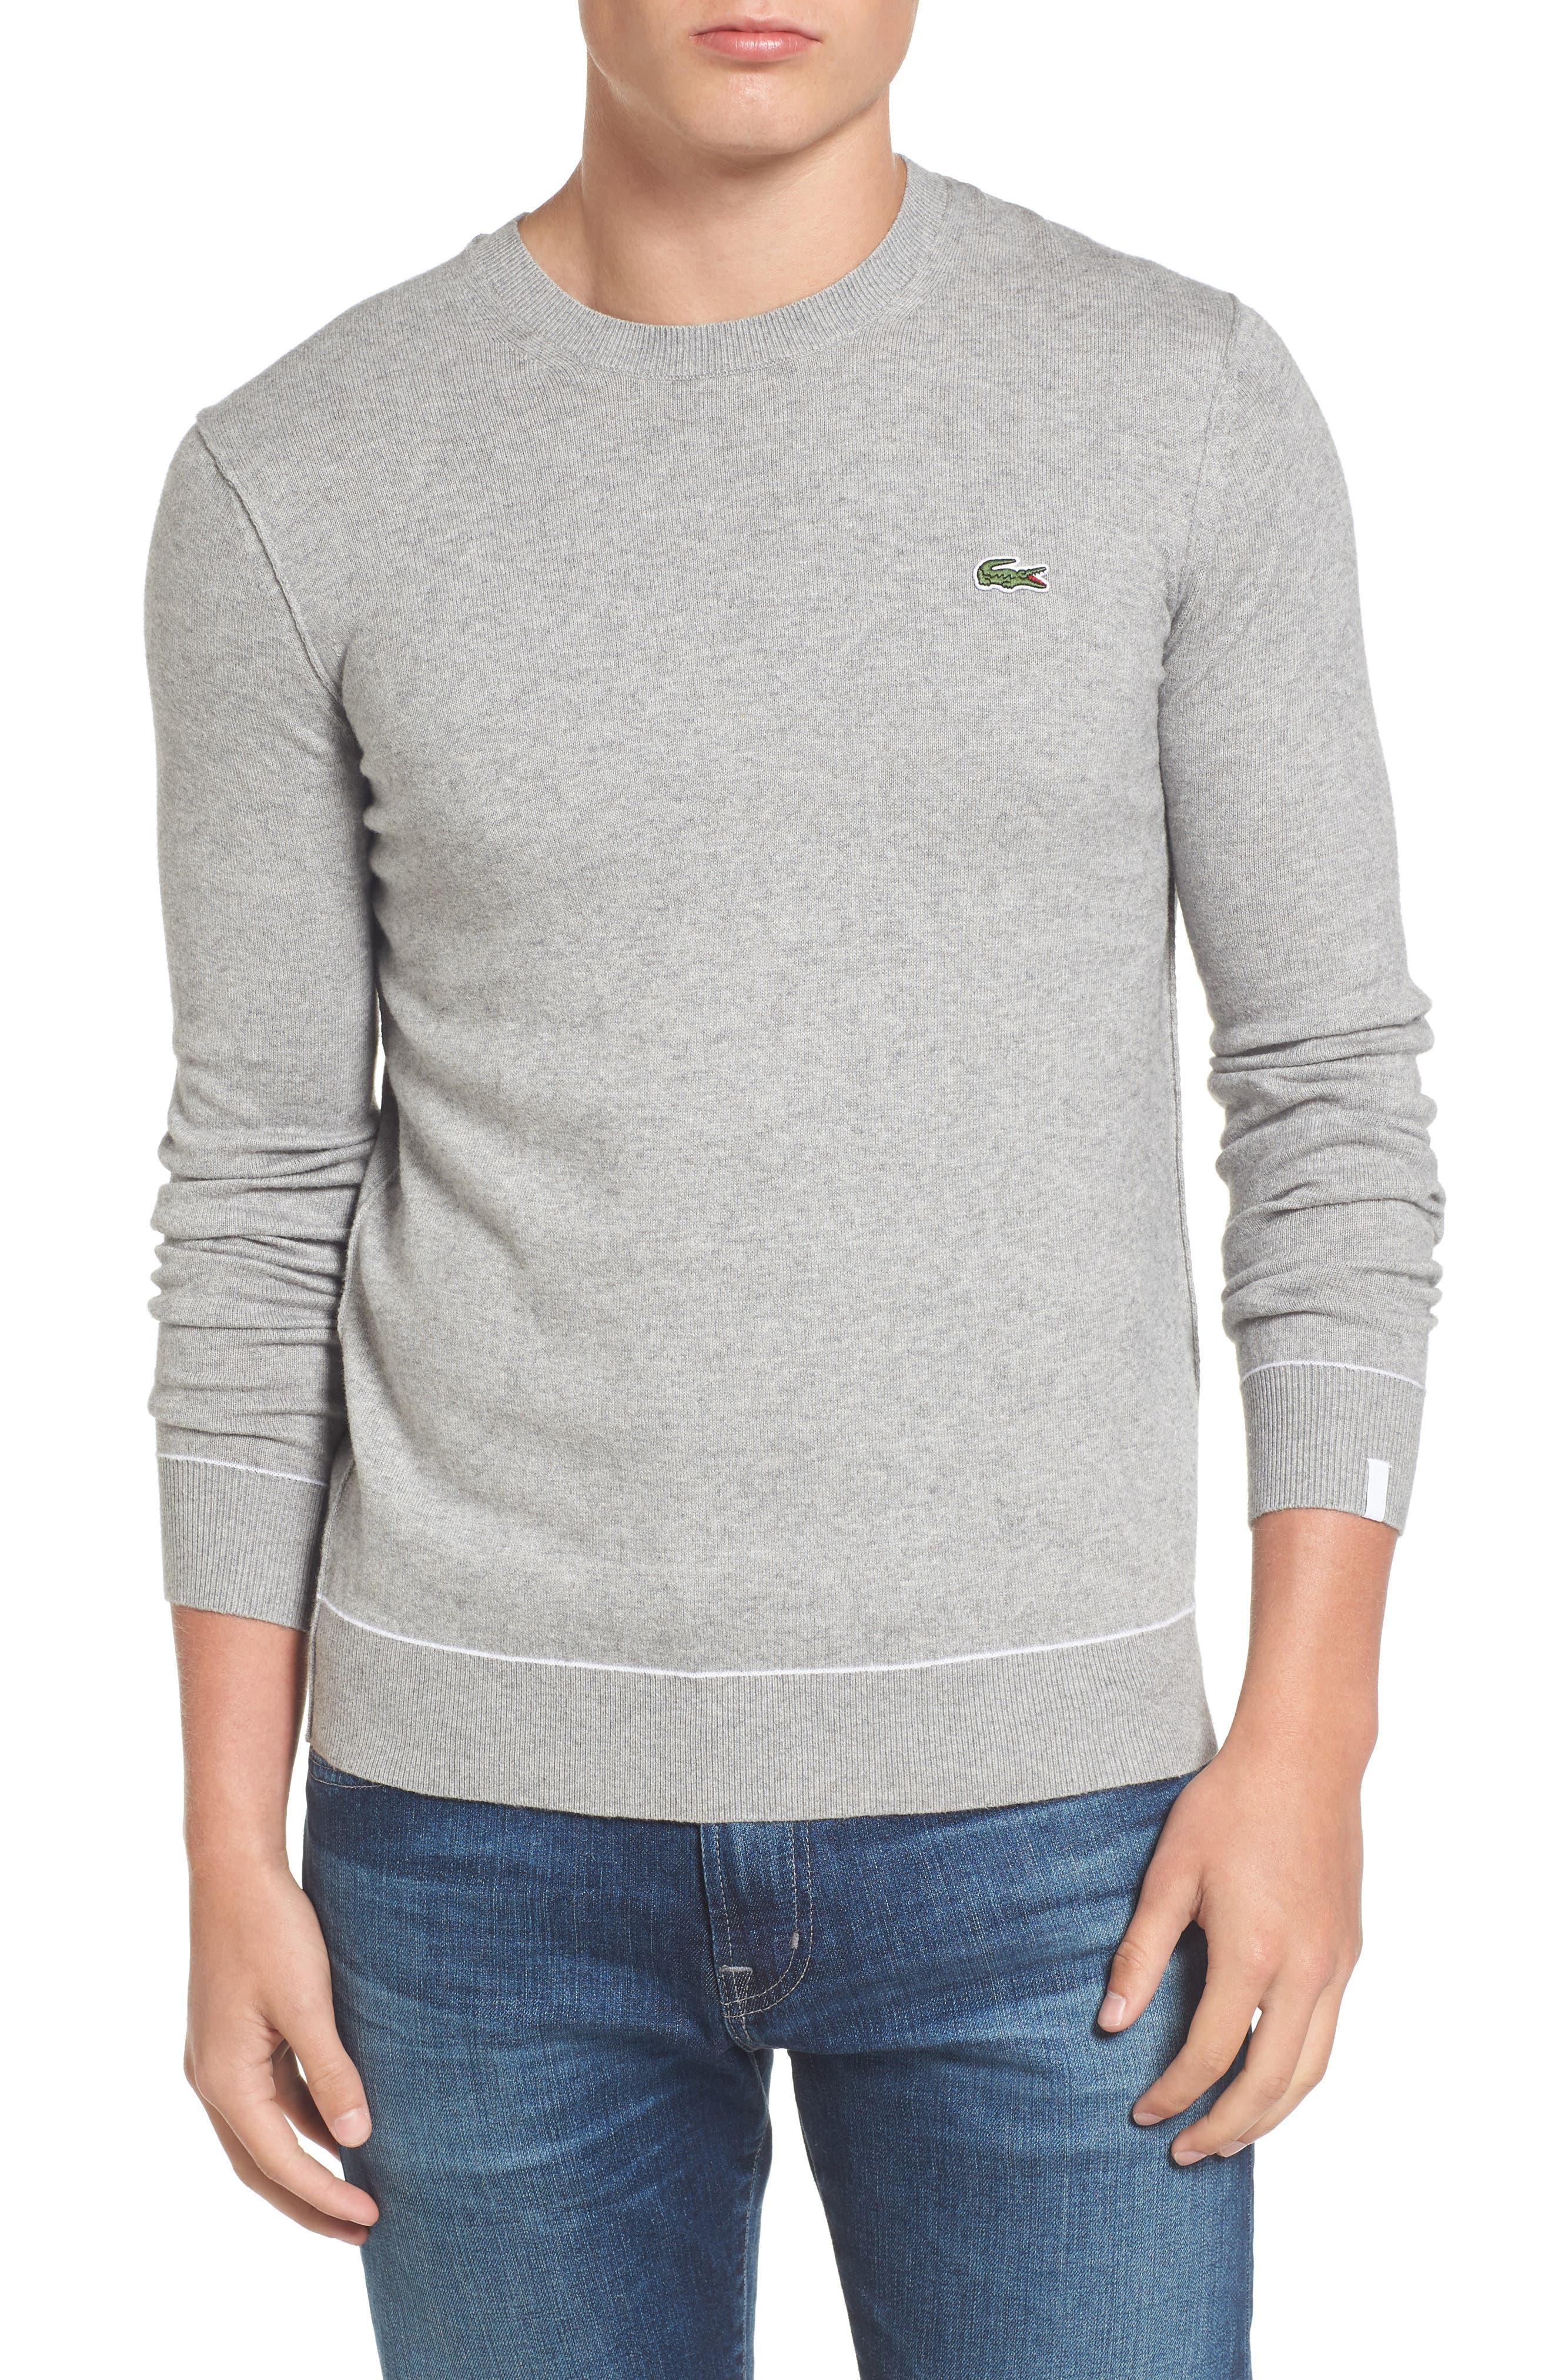 Lacoste Crewneck Sweater